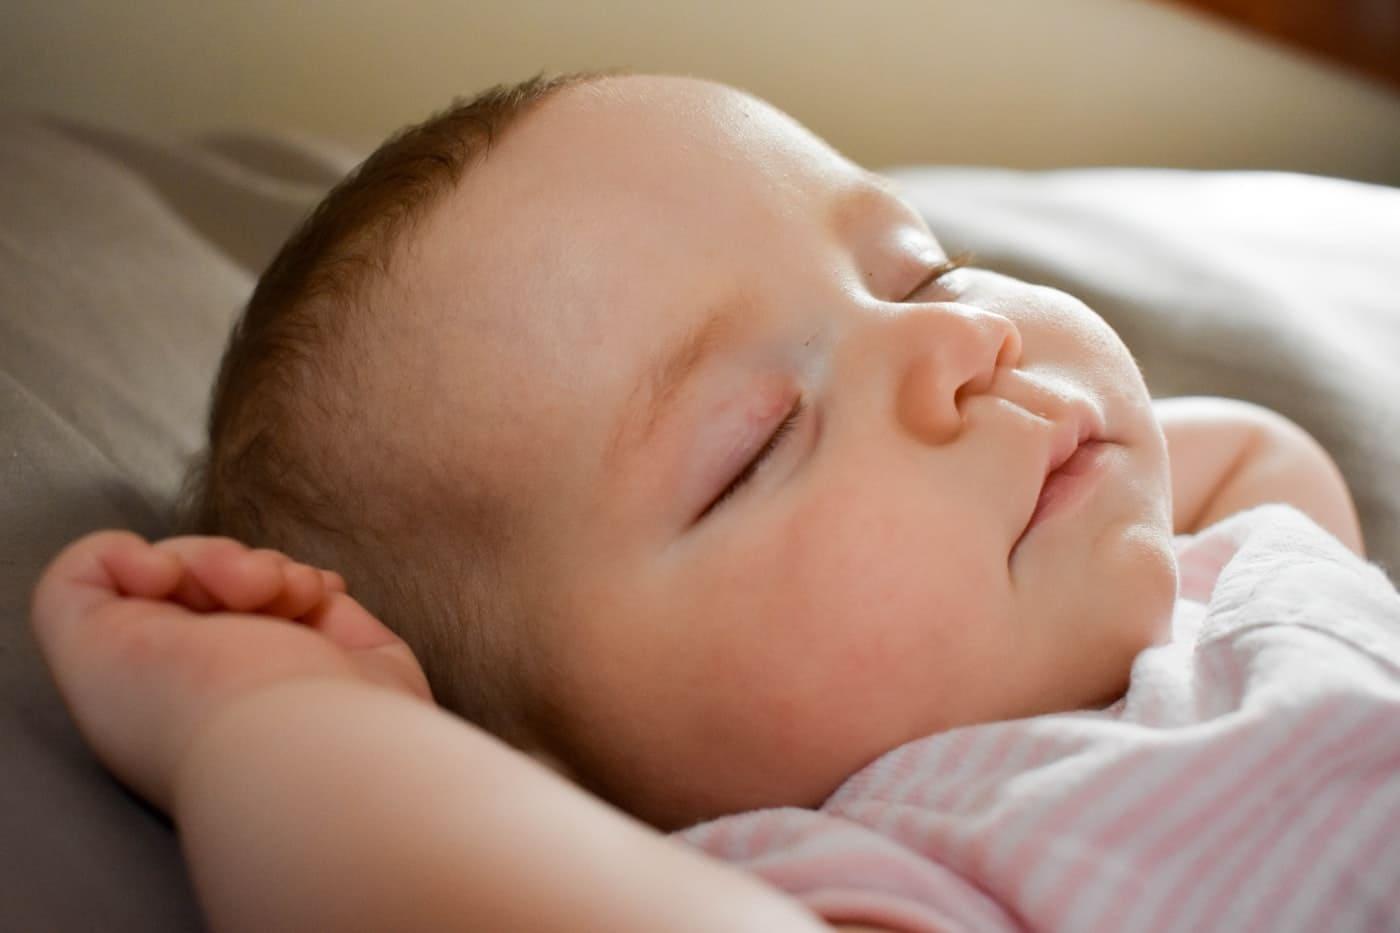 como vestir o bebe para dormir dicas essenciais